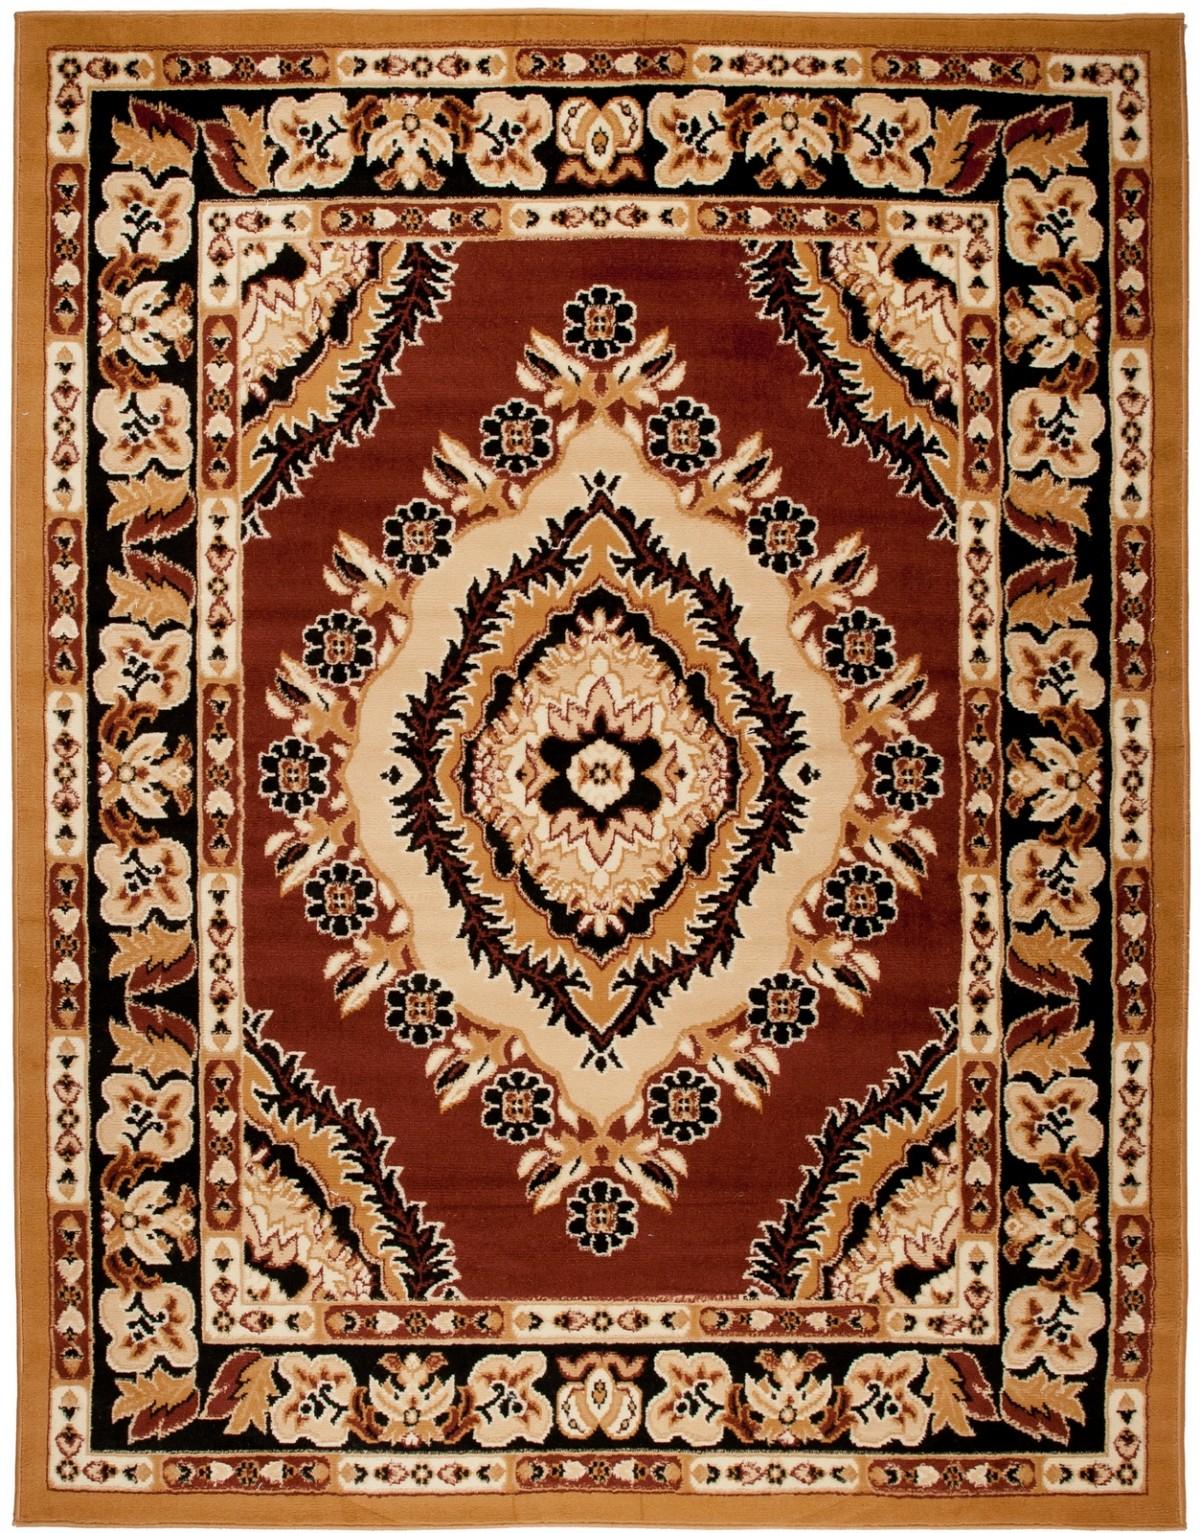 teppich l ufer orient perser orientalisch in beige xxl 200x300 300x400 mehr ebay. Black Bedroom Furniture Sets. Home Design Ideas